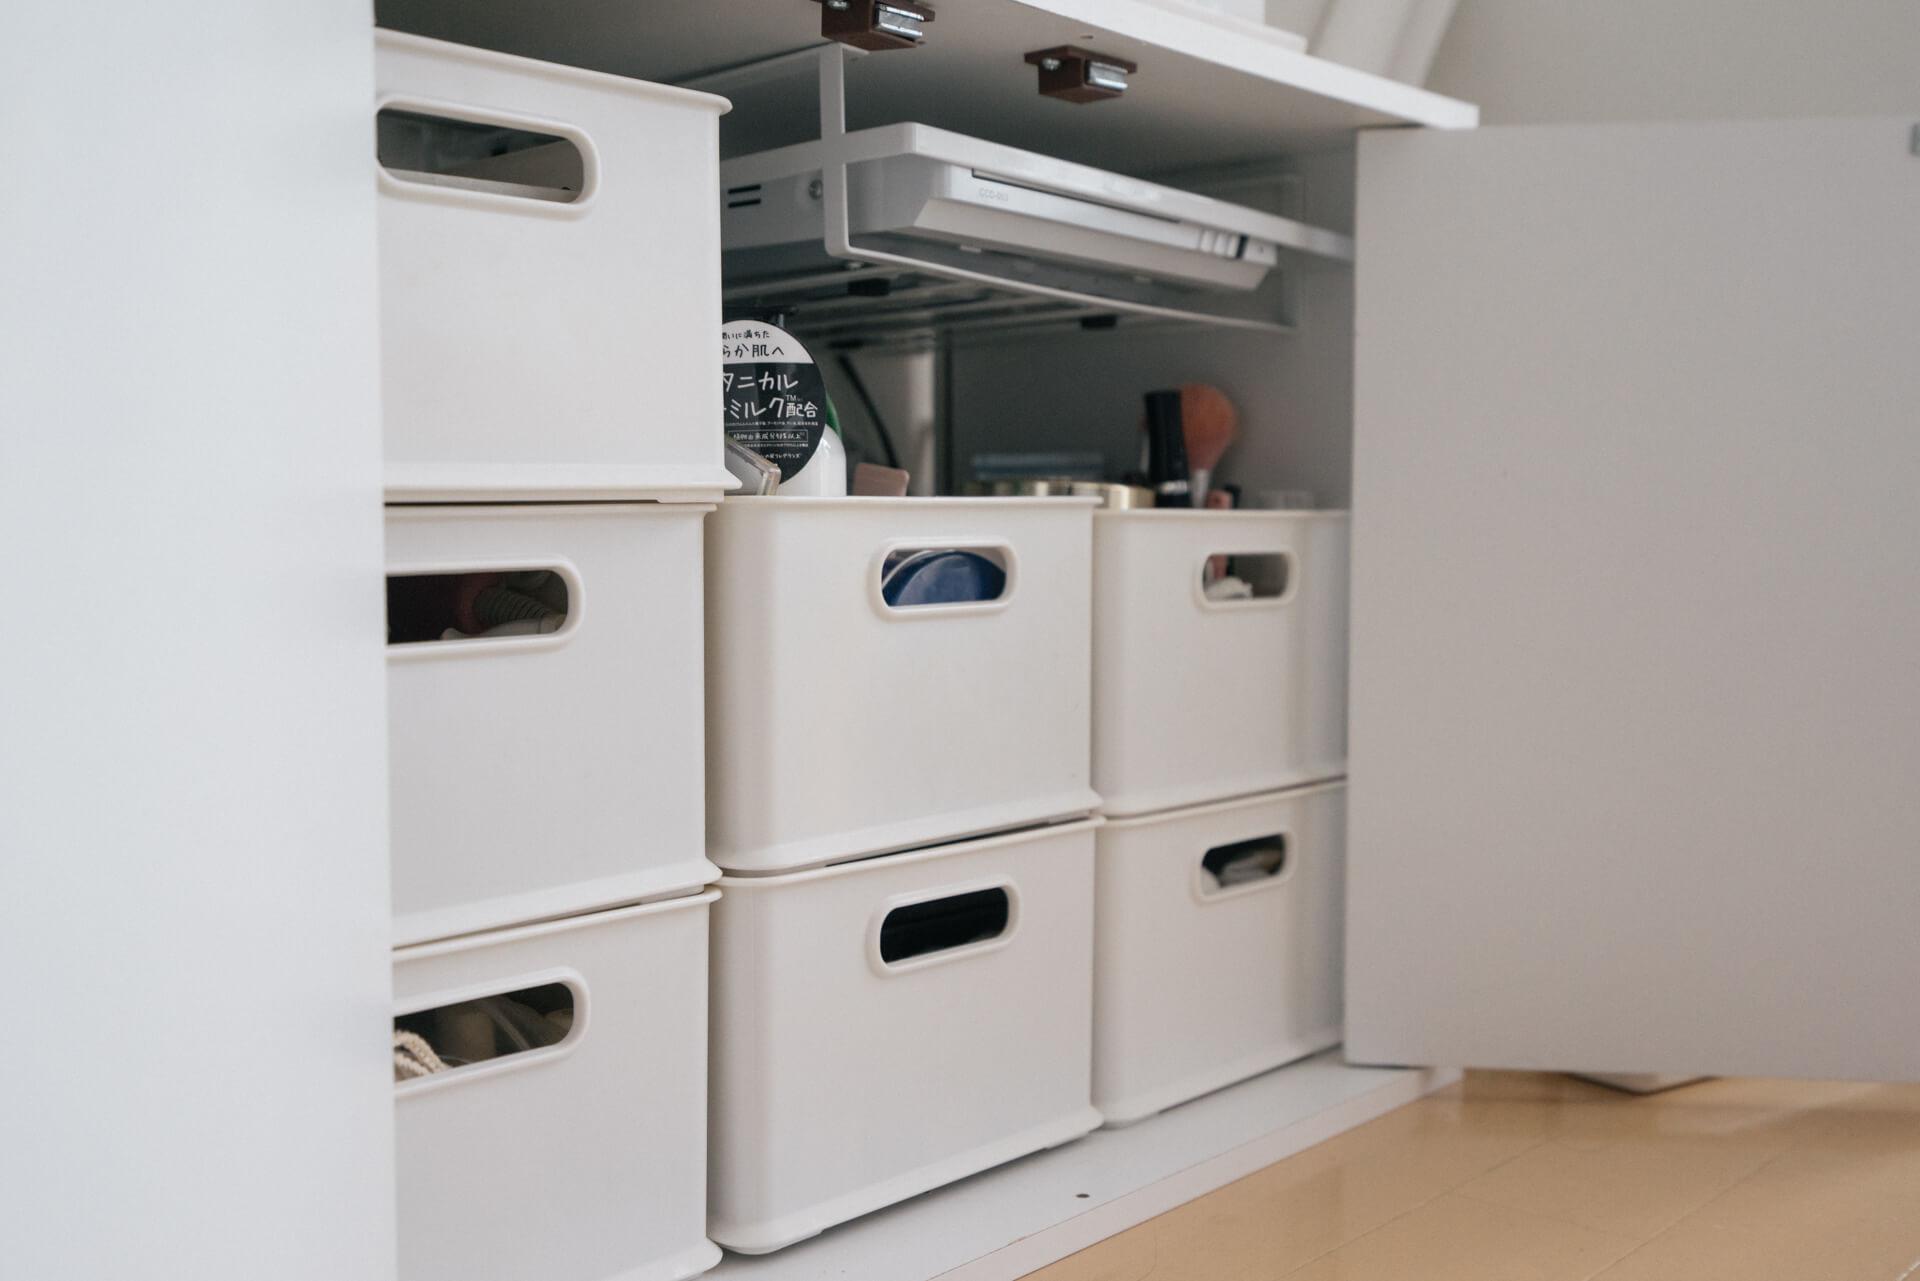 細々とした物の収納も、規格の揃ったボックスにしまえば、重ねたり並べたり、整えやすく便利です(このお部屋はこちら)